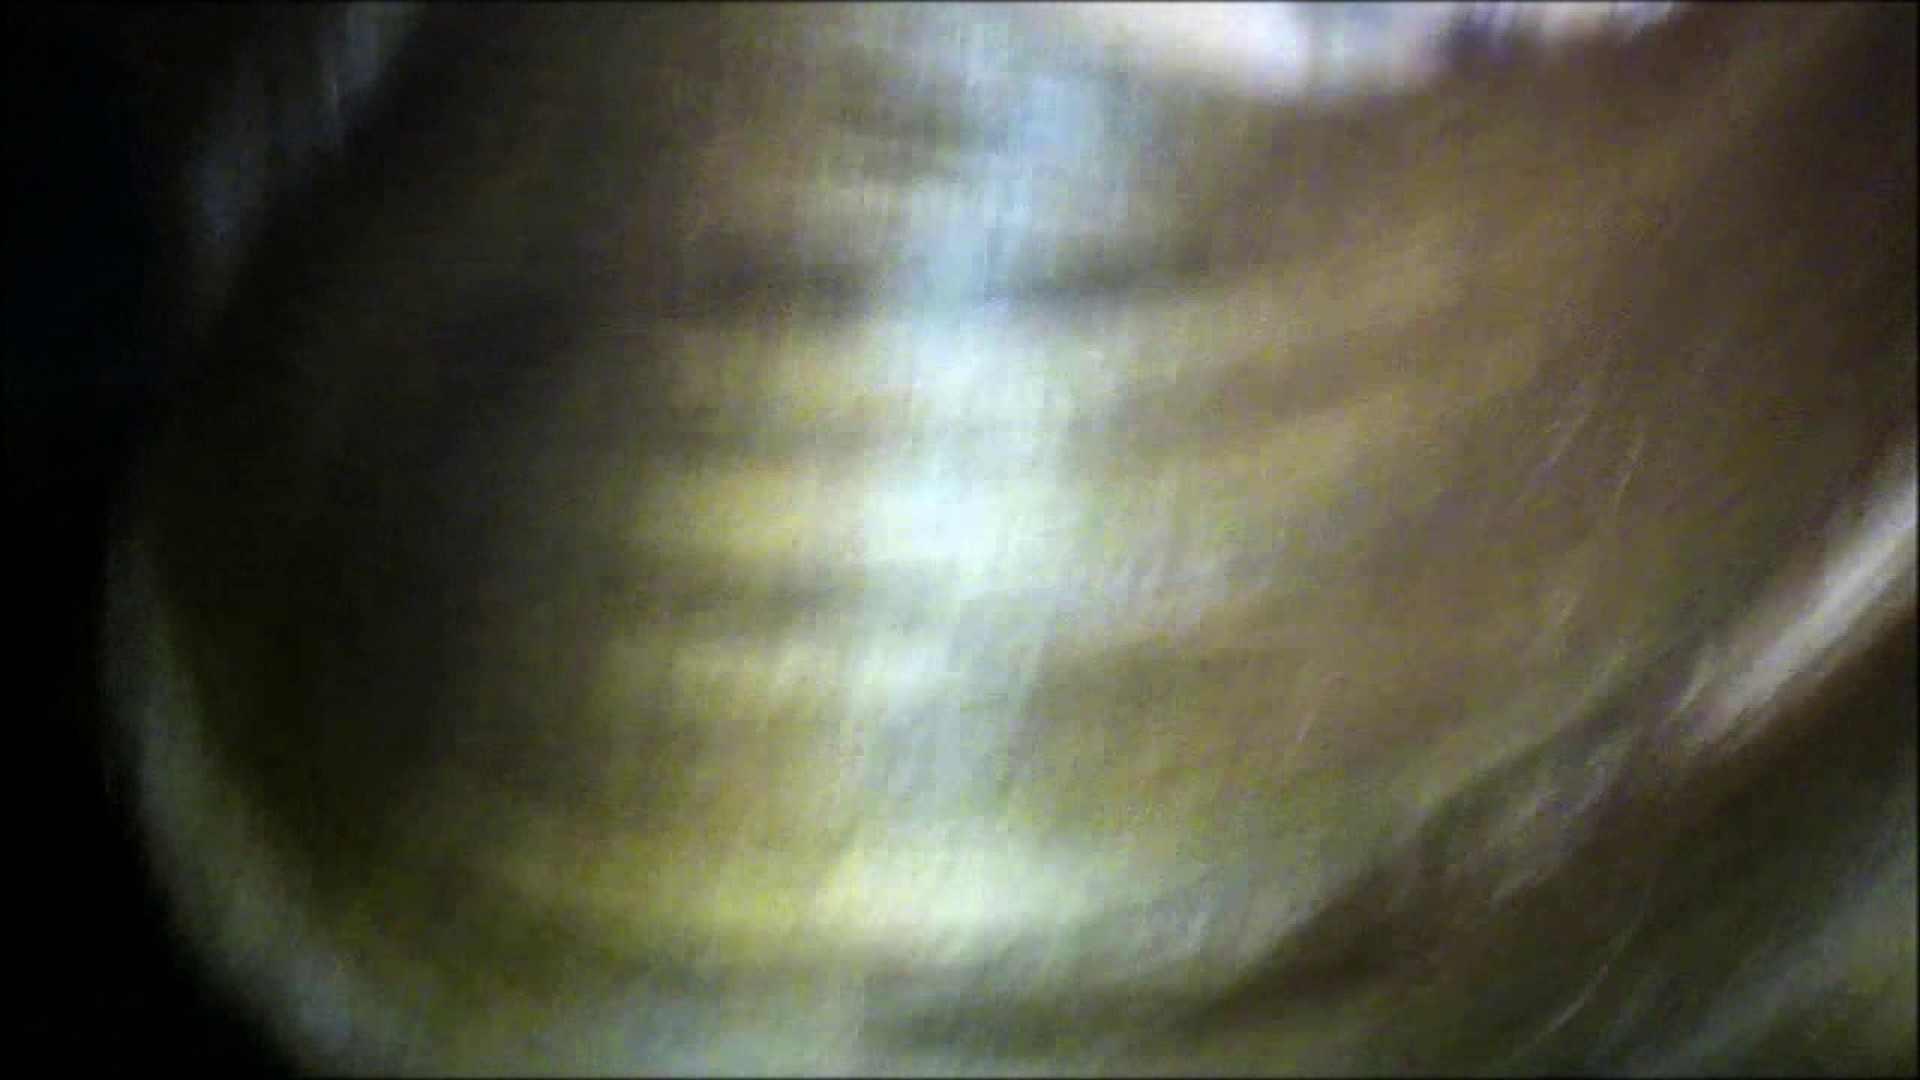 魔術師の お・も・て・な・し vol.03 やわらかおっぱいさん イタズラ  78pic 42